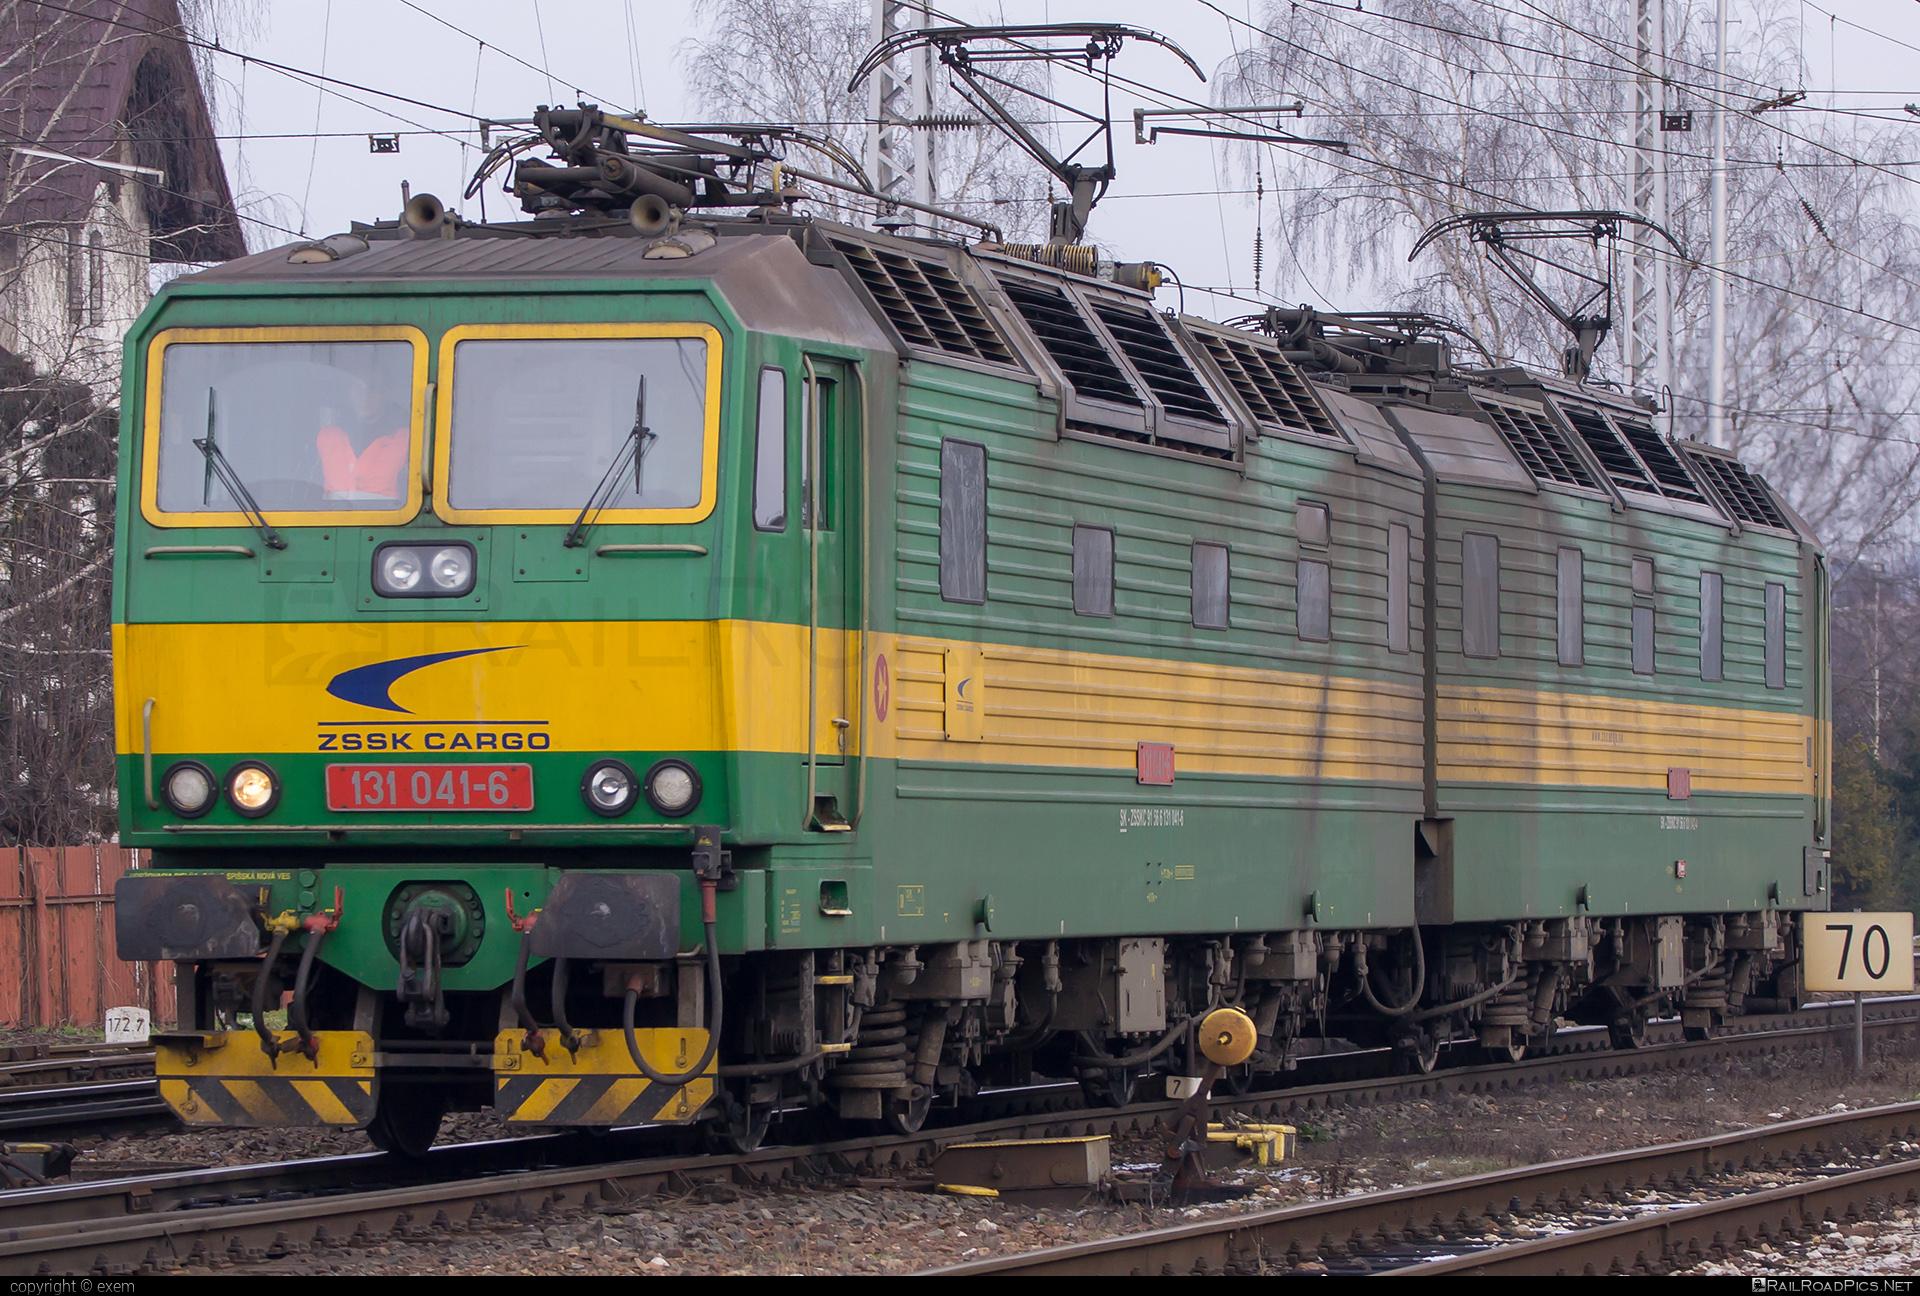 Škoda 58E - 131 041-6 operated by Železničná Spoločnost' Cargo Slovakia a.s. #ZeleznicnaSpolocnostCargoSlovakia #e4791 #locomotive131 #skoda #skoda58e #zsskcargo